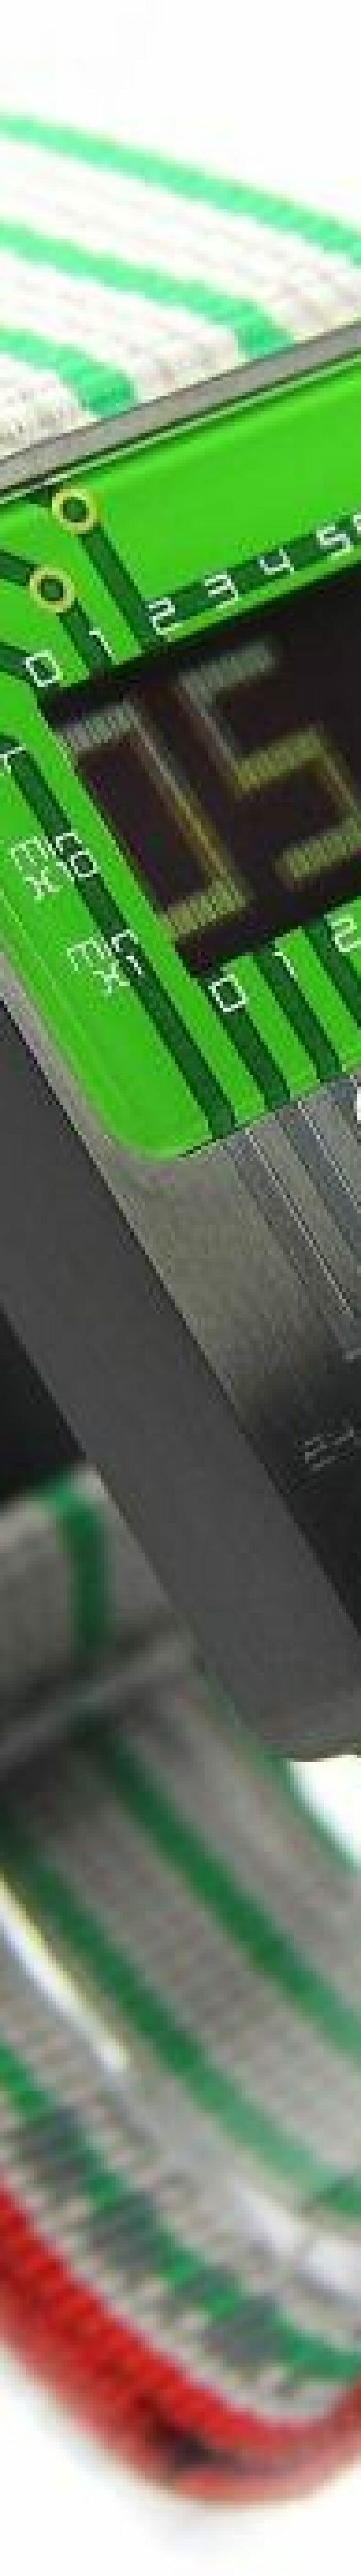 529bee3fe27 Fuja do padrão com relógios de pulso retrô inspirados em componentes  eletrônicos!